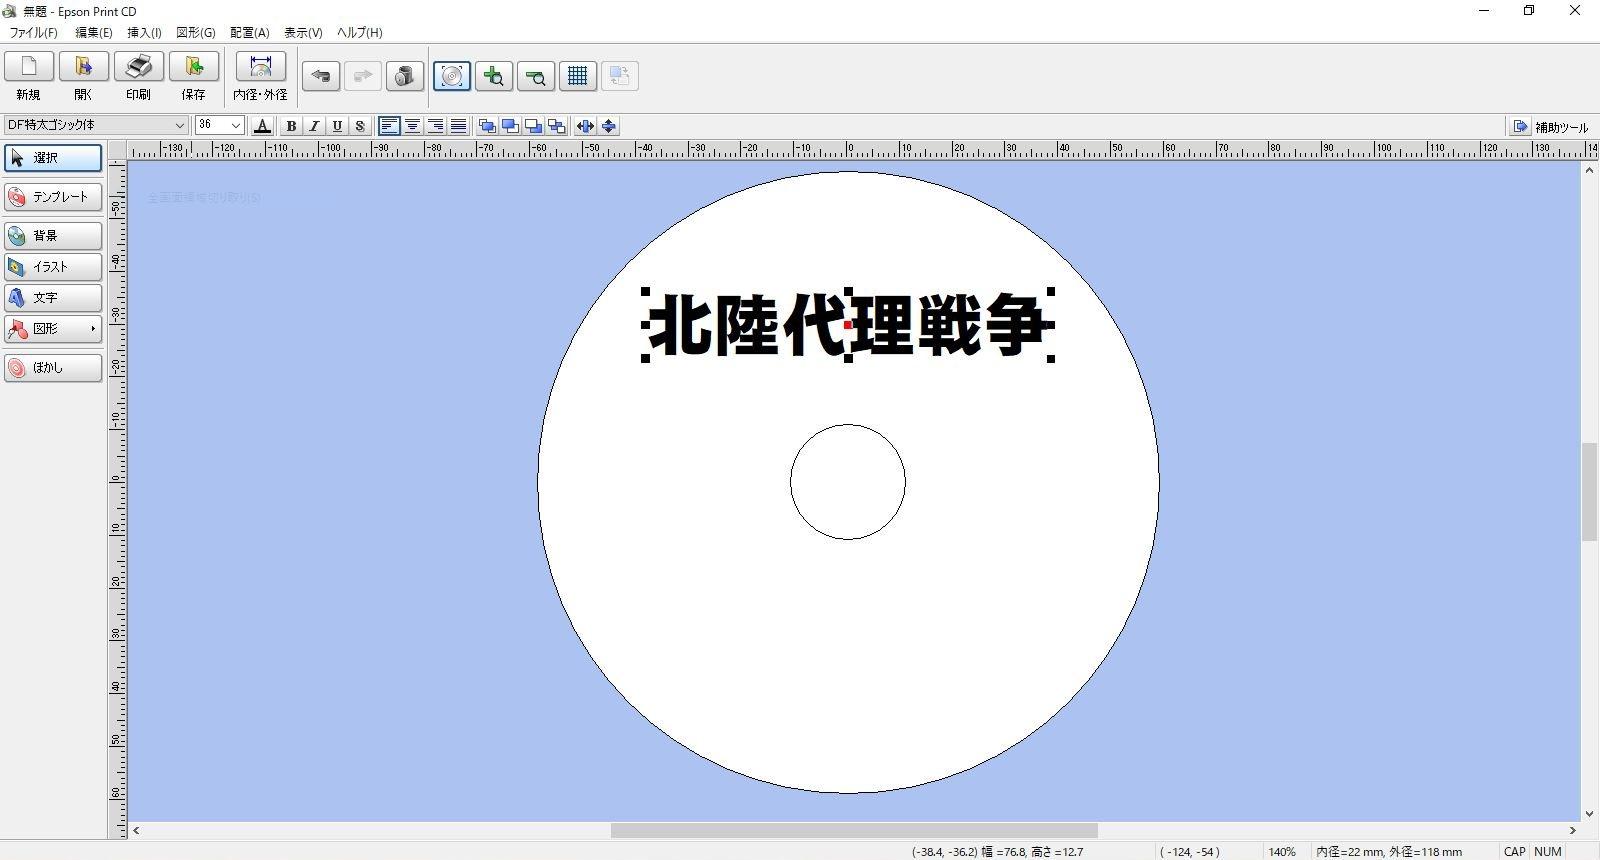 Epson Print CD とりあえず極太ゴシックでタイトルだけ